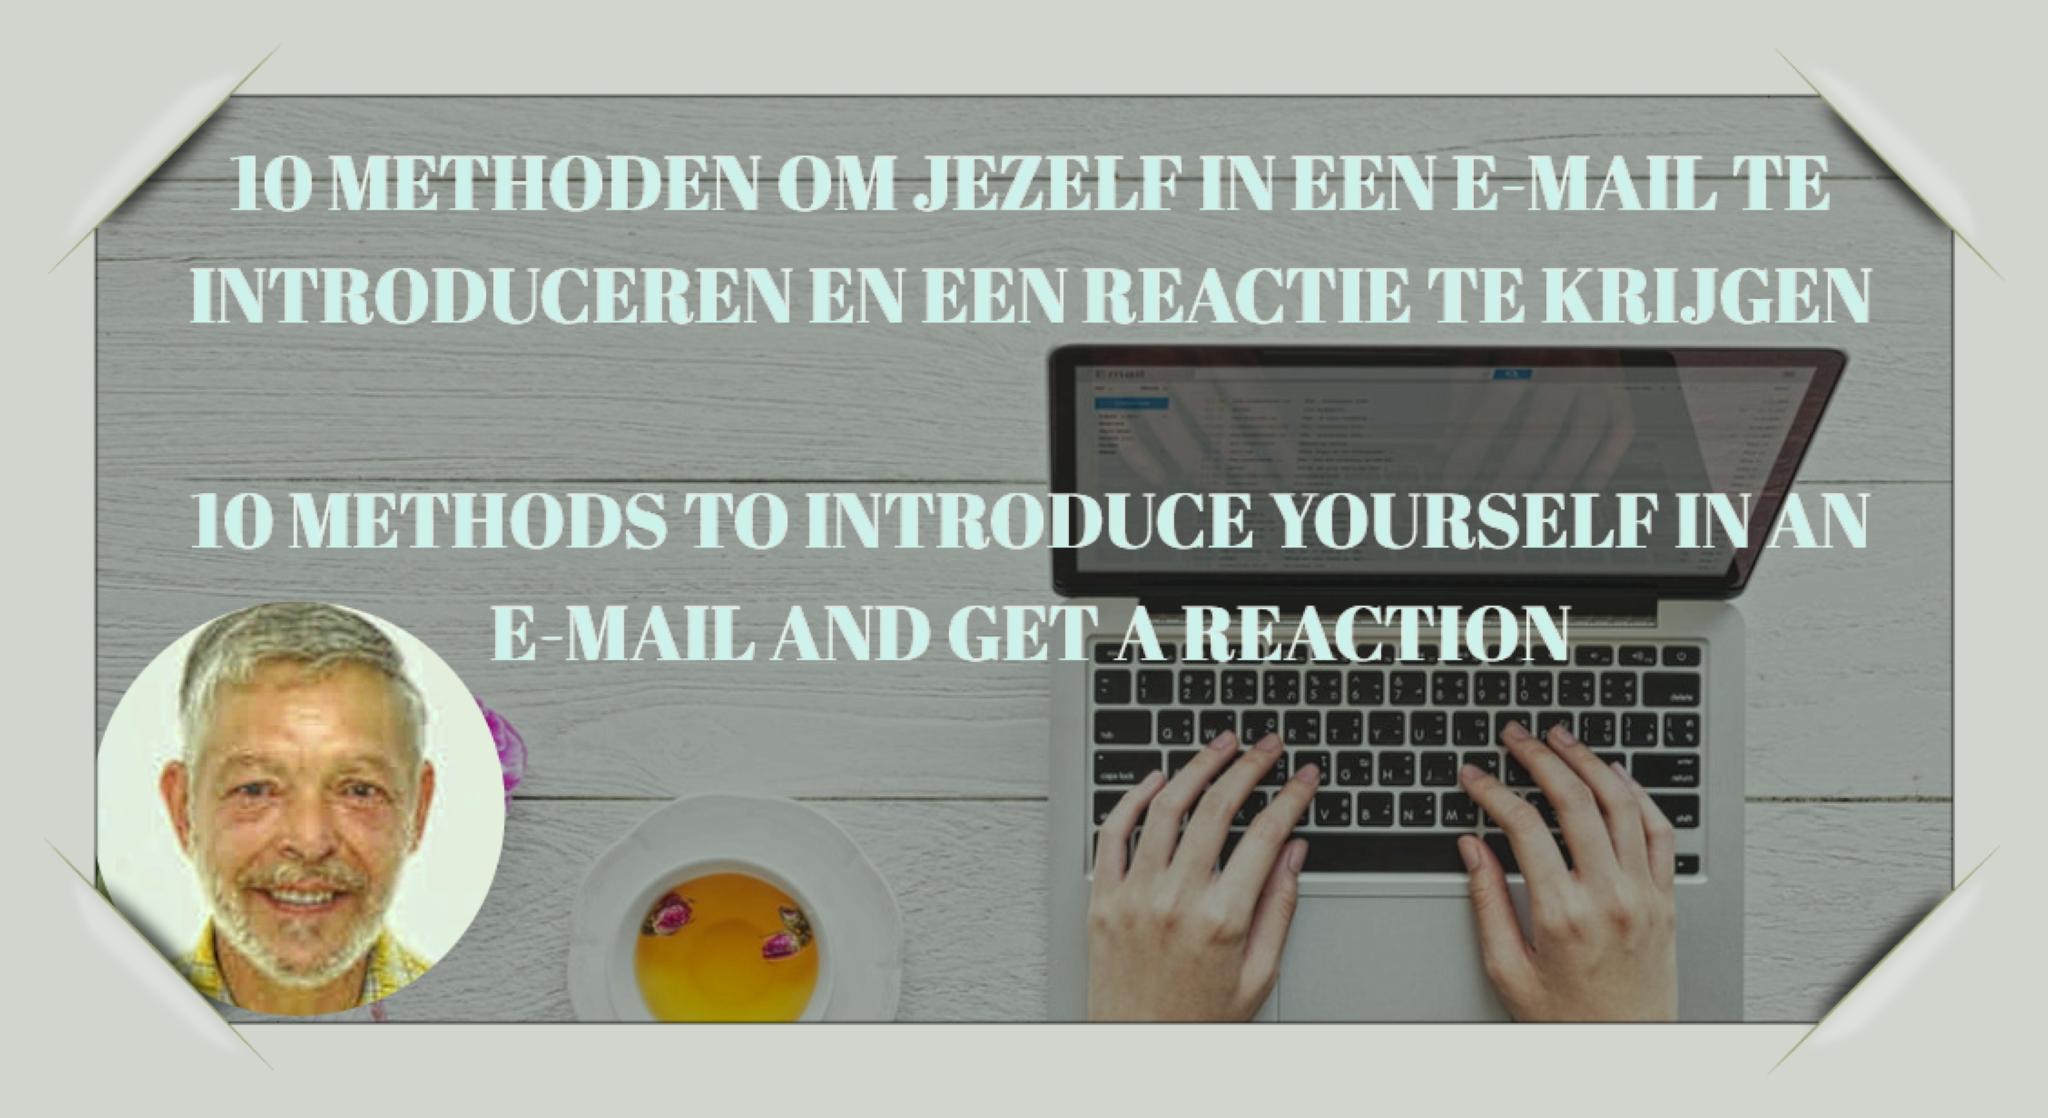 10 Methoden om jezelf in een e-mail te introduceren en een reactie te krijgen